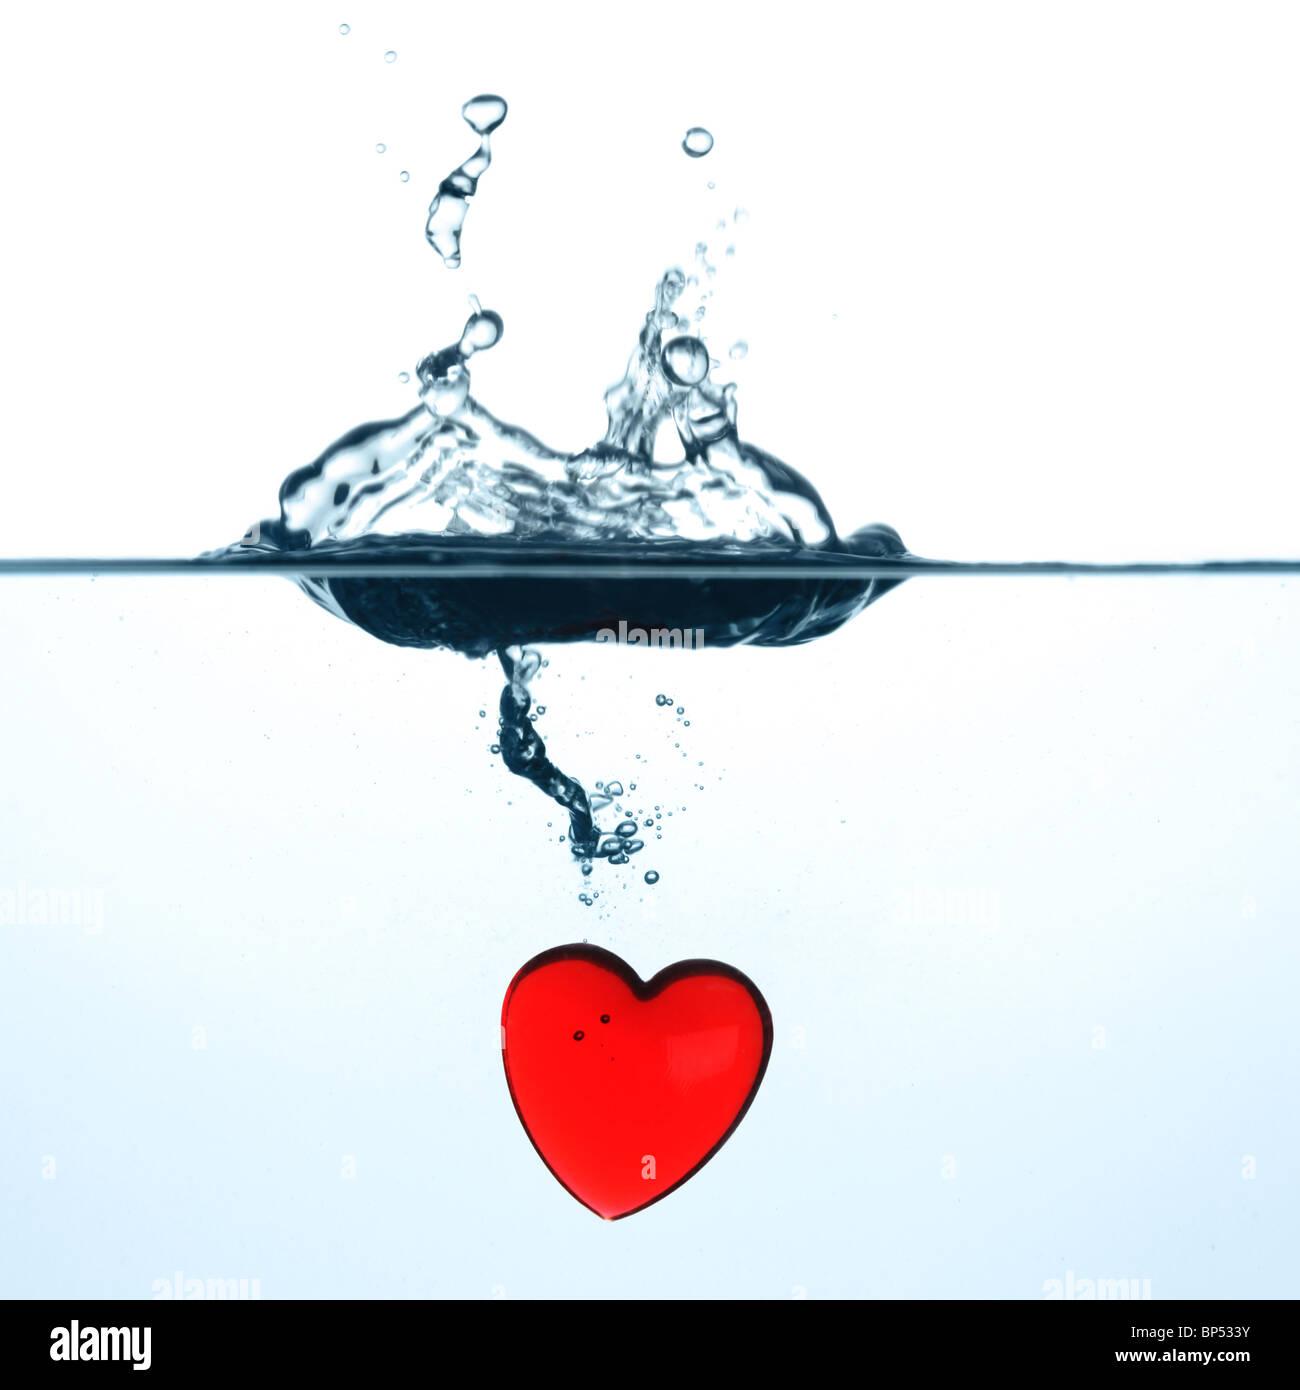 Wasseroberfläche mit Splash und eingetauchtes rotes Herz Stock Photo